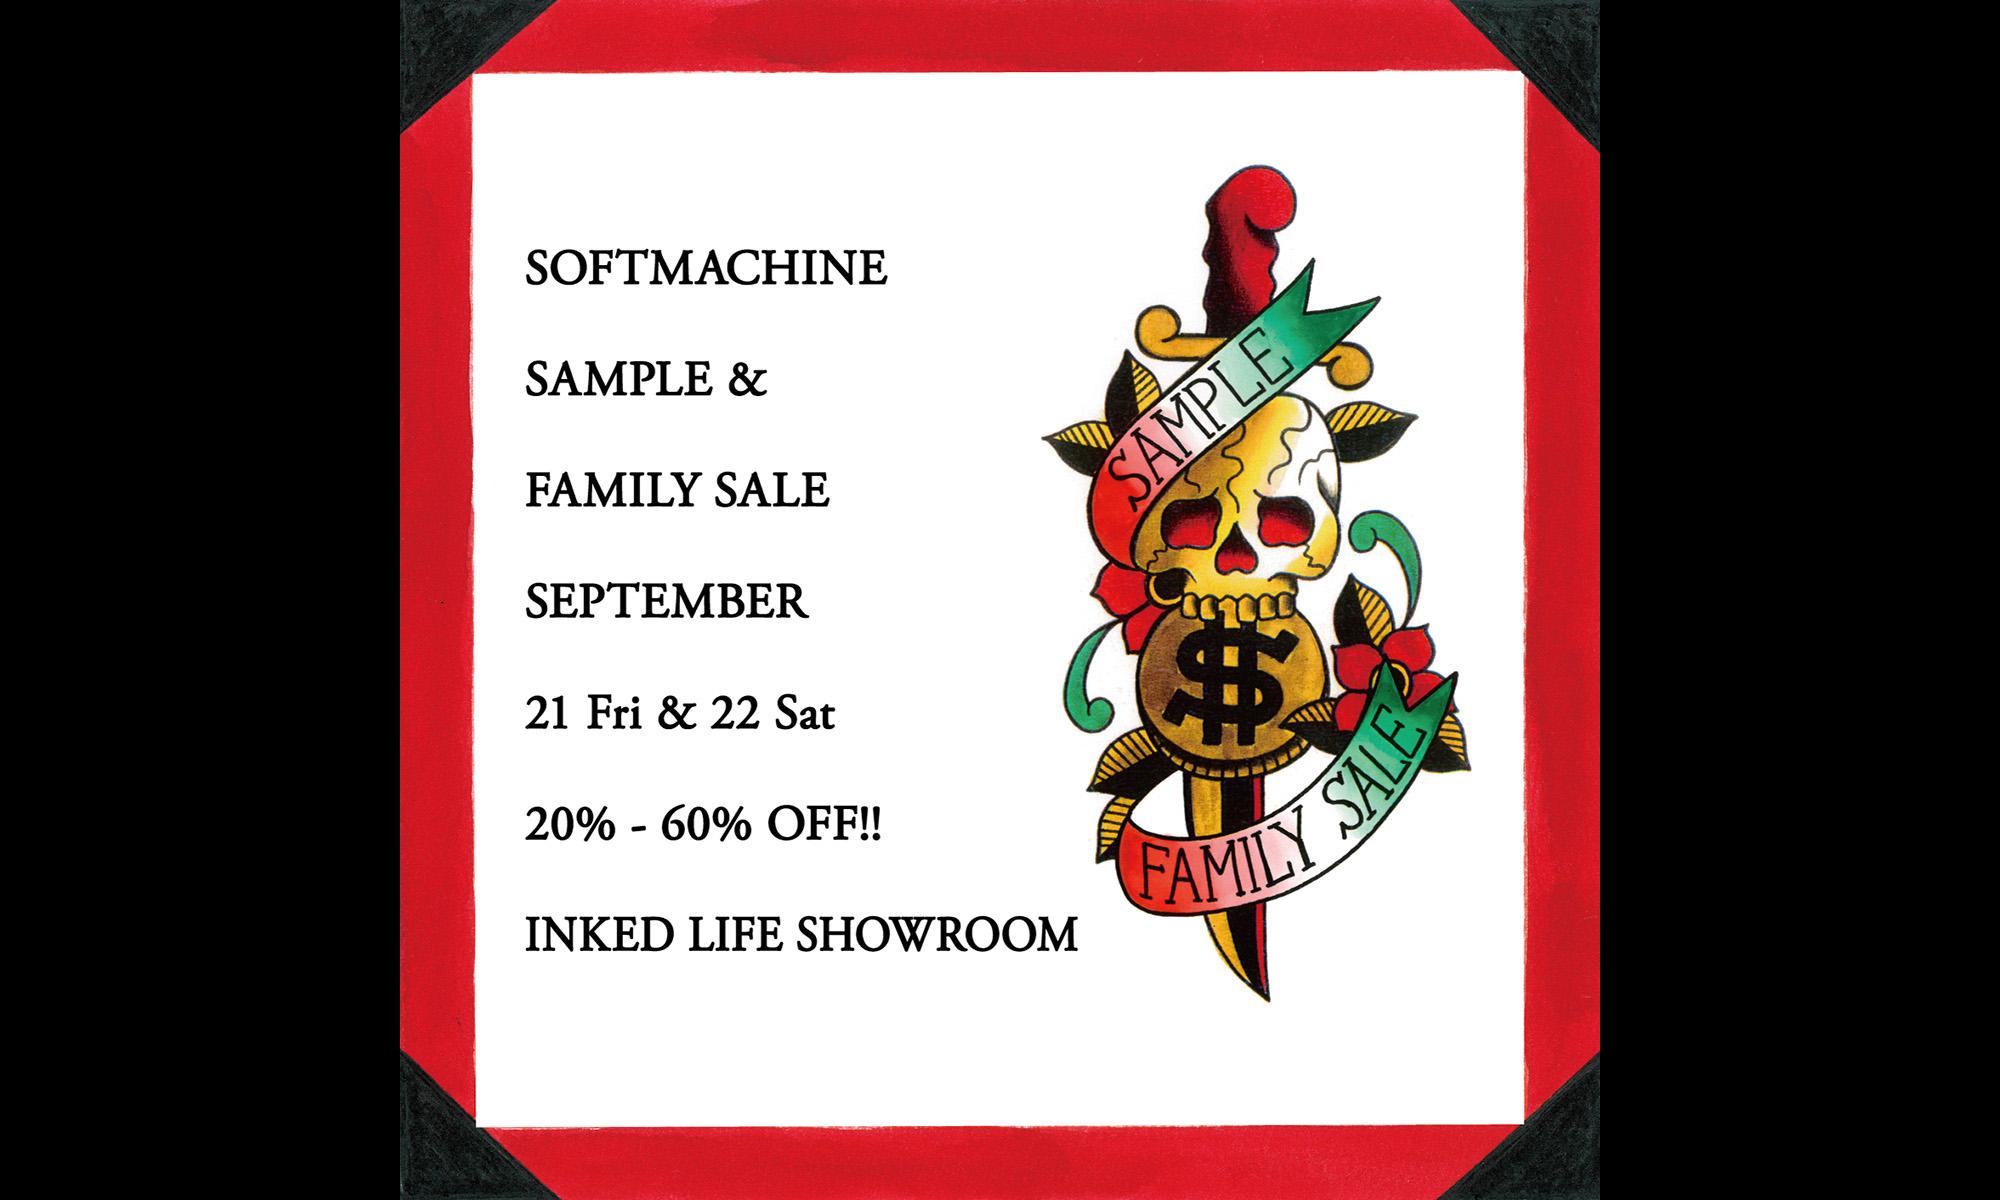 お値打ち価格でアイテムをゲット! SOFTMACHINE -SAMPLE & FAMILY SALE-